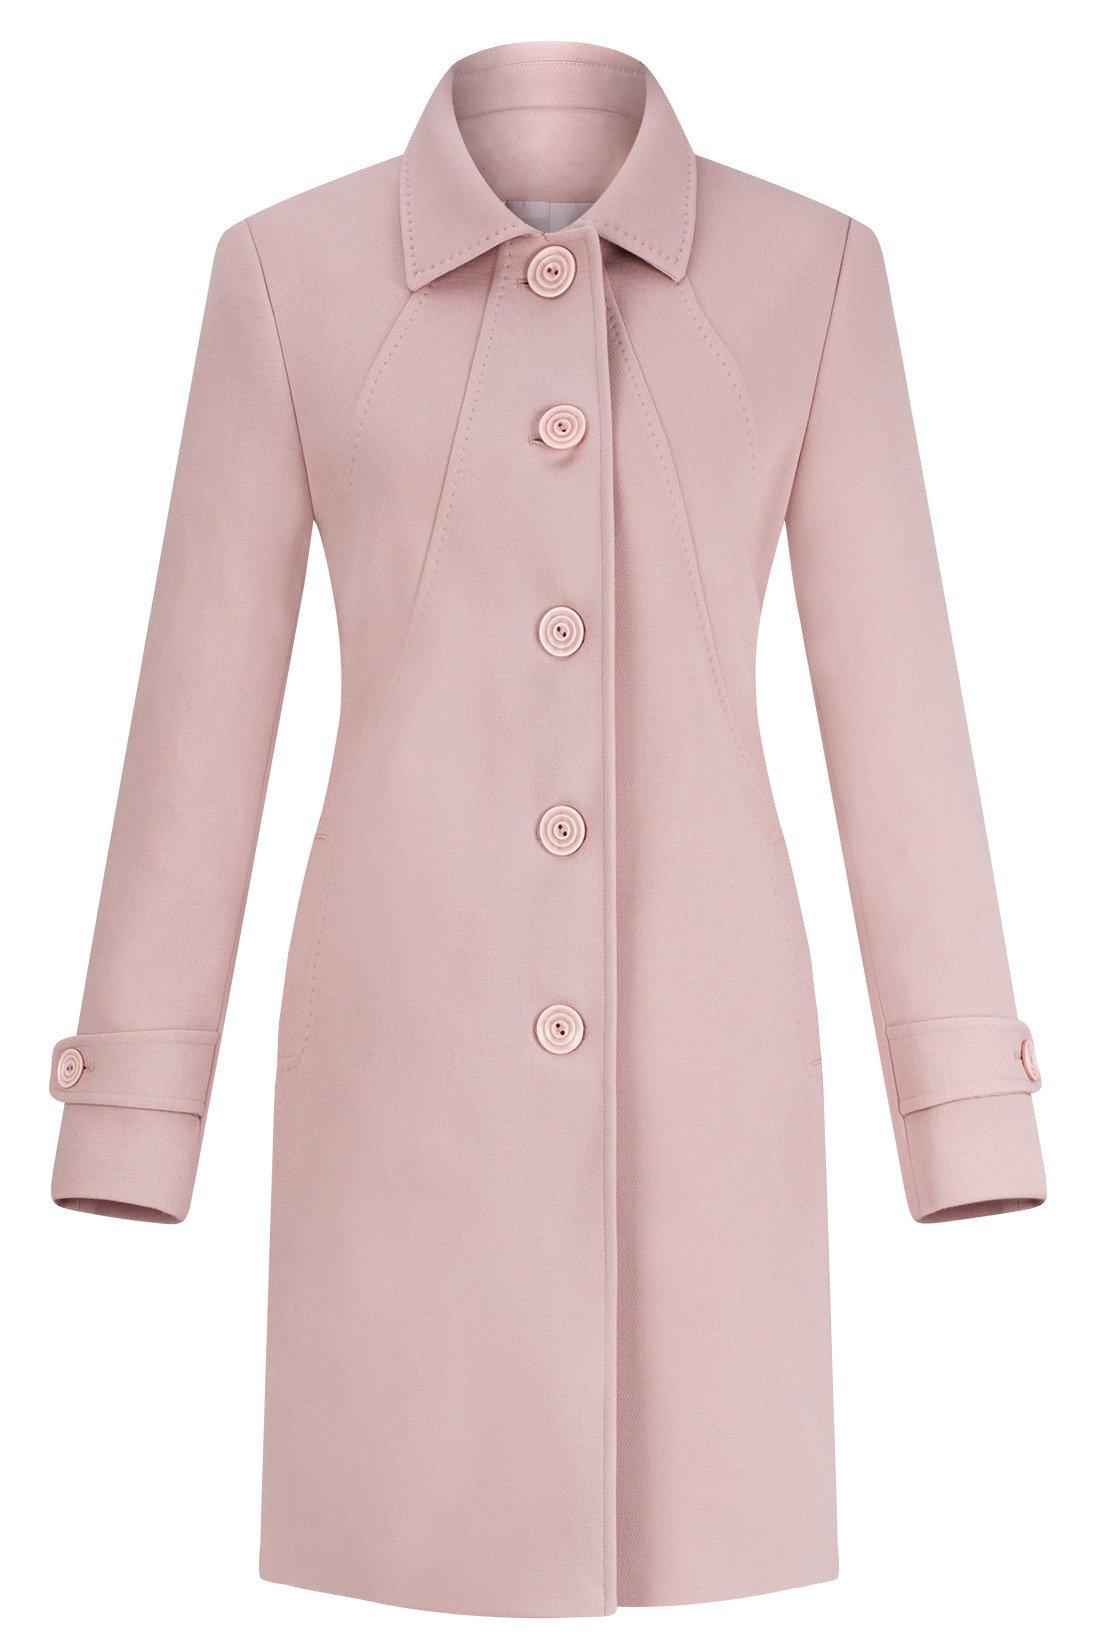 Zimowy płaszcz,ozdobnie pikowany, w pasie wiązany zapinany na zamek. Płaszcz posiada kieszenie po bokach oraz trueiuptaf.gqa trueiuptaf.gqły.